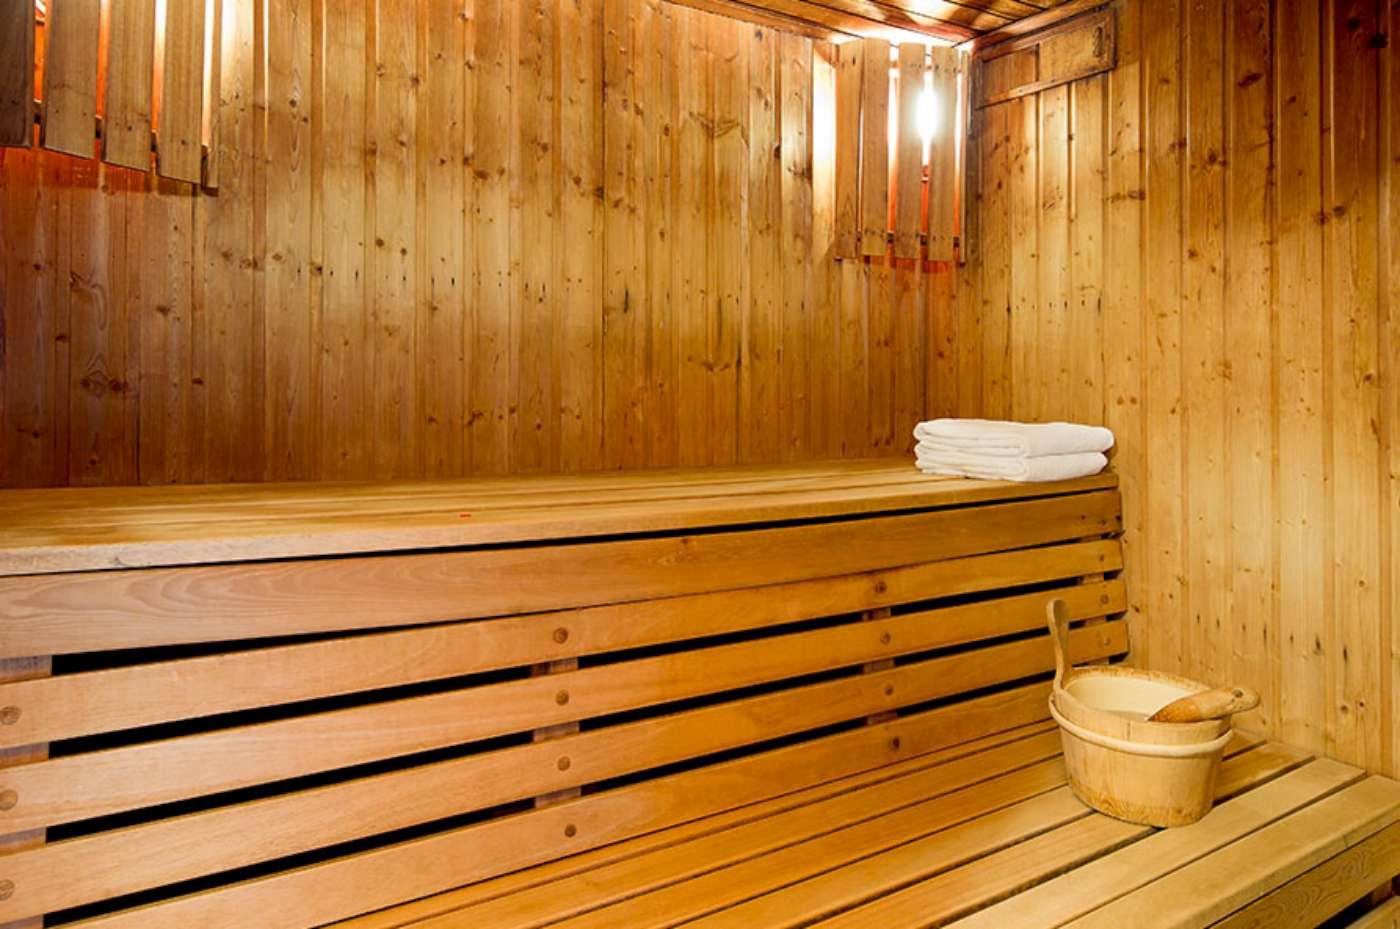 Hermine Blanche-Sauna